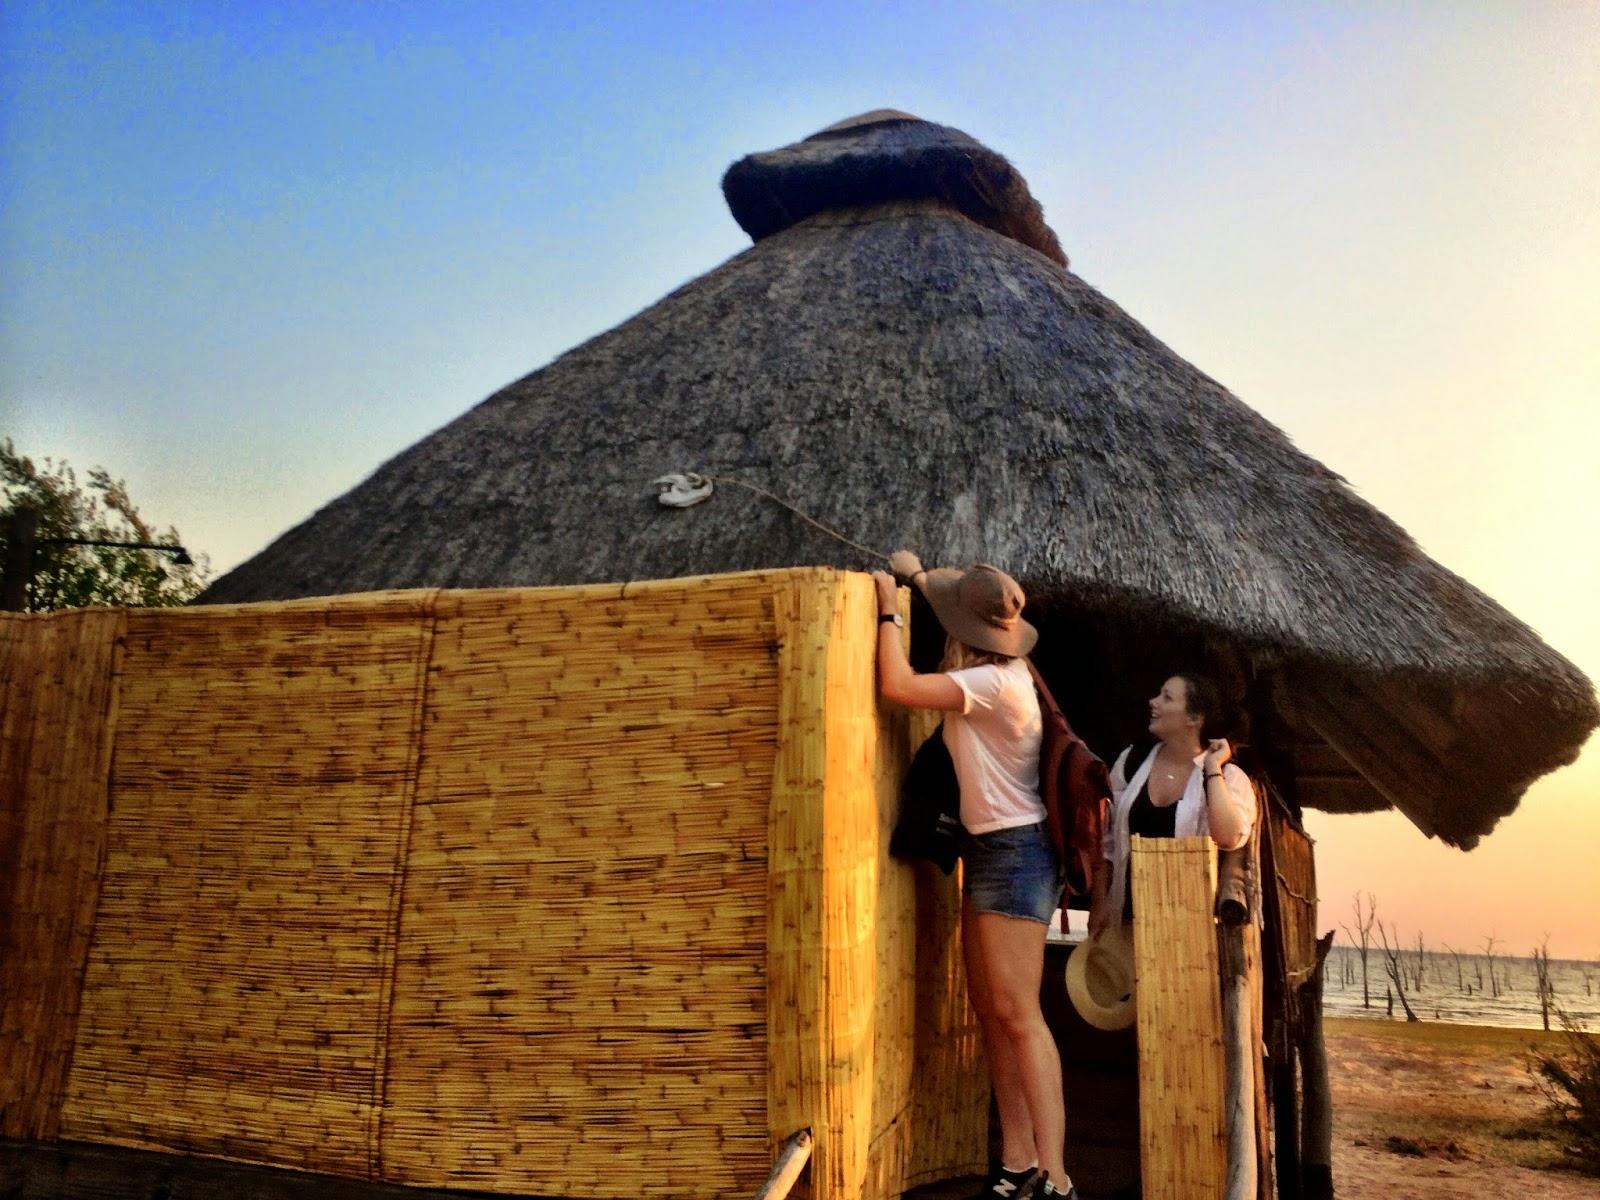 Bikini bottoms on the roof - Rhino Safari Camp